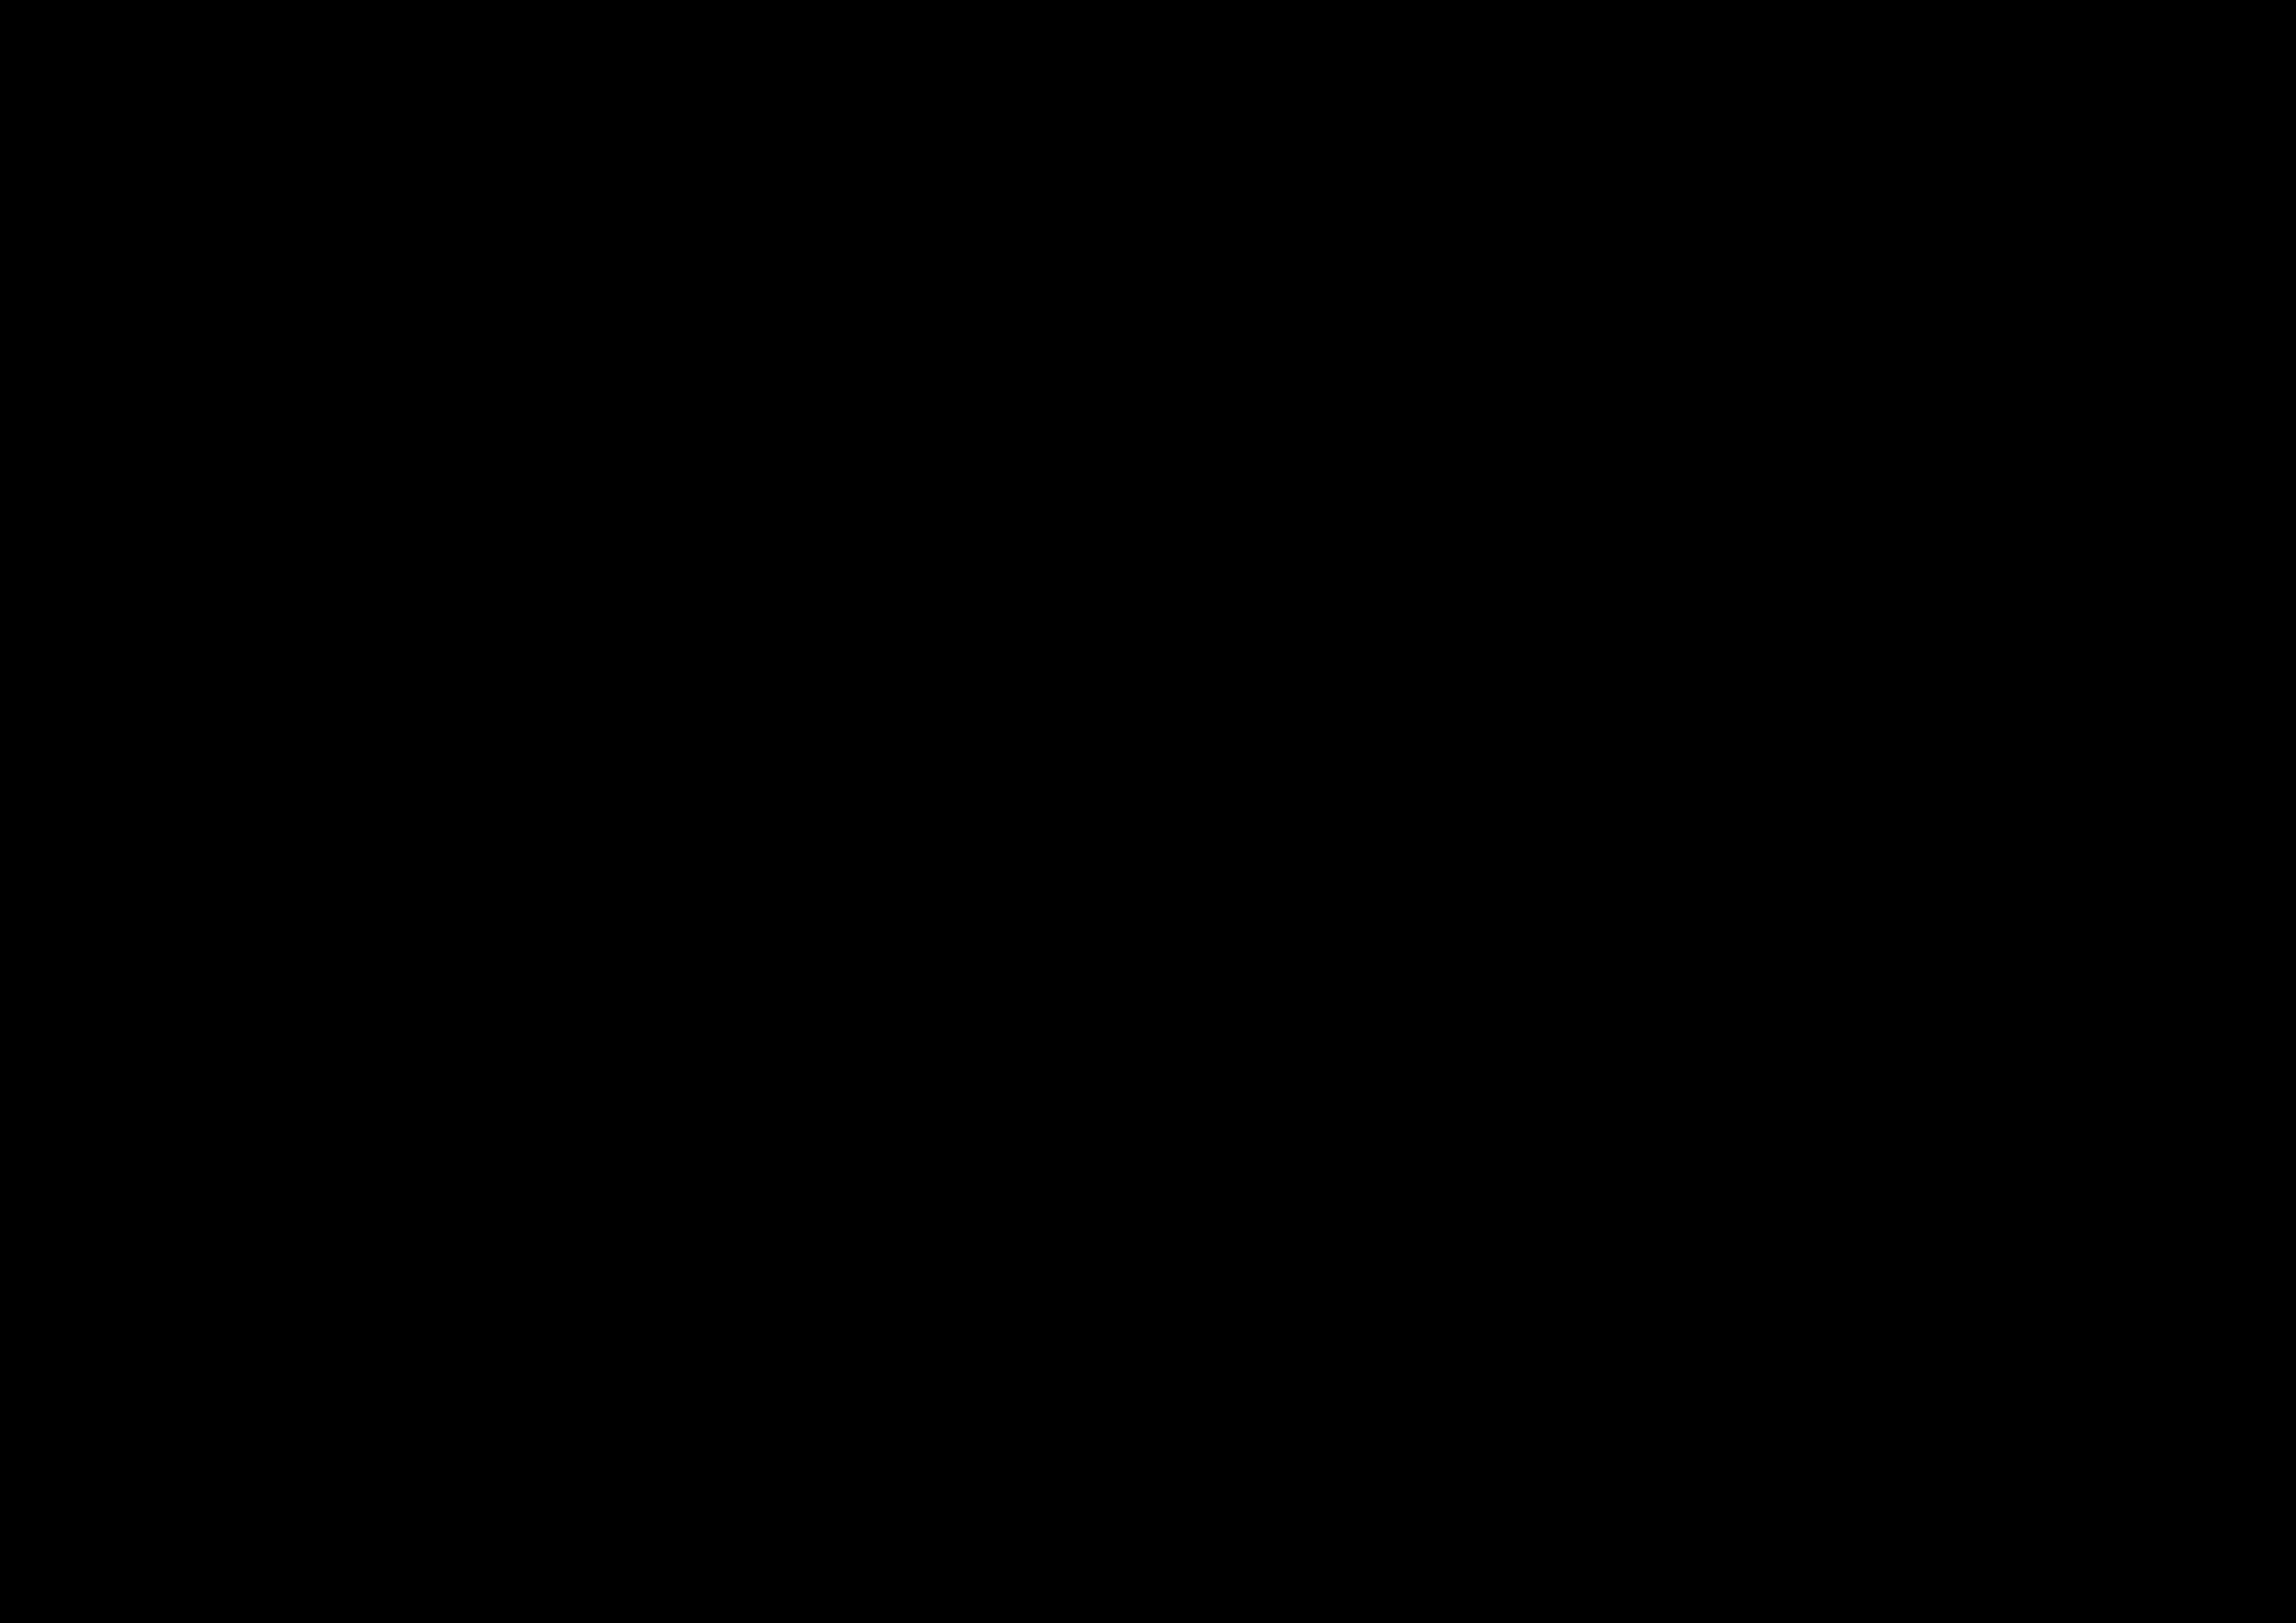 ovaal-logo-definitief